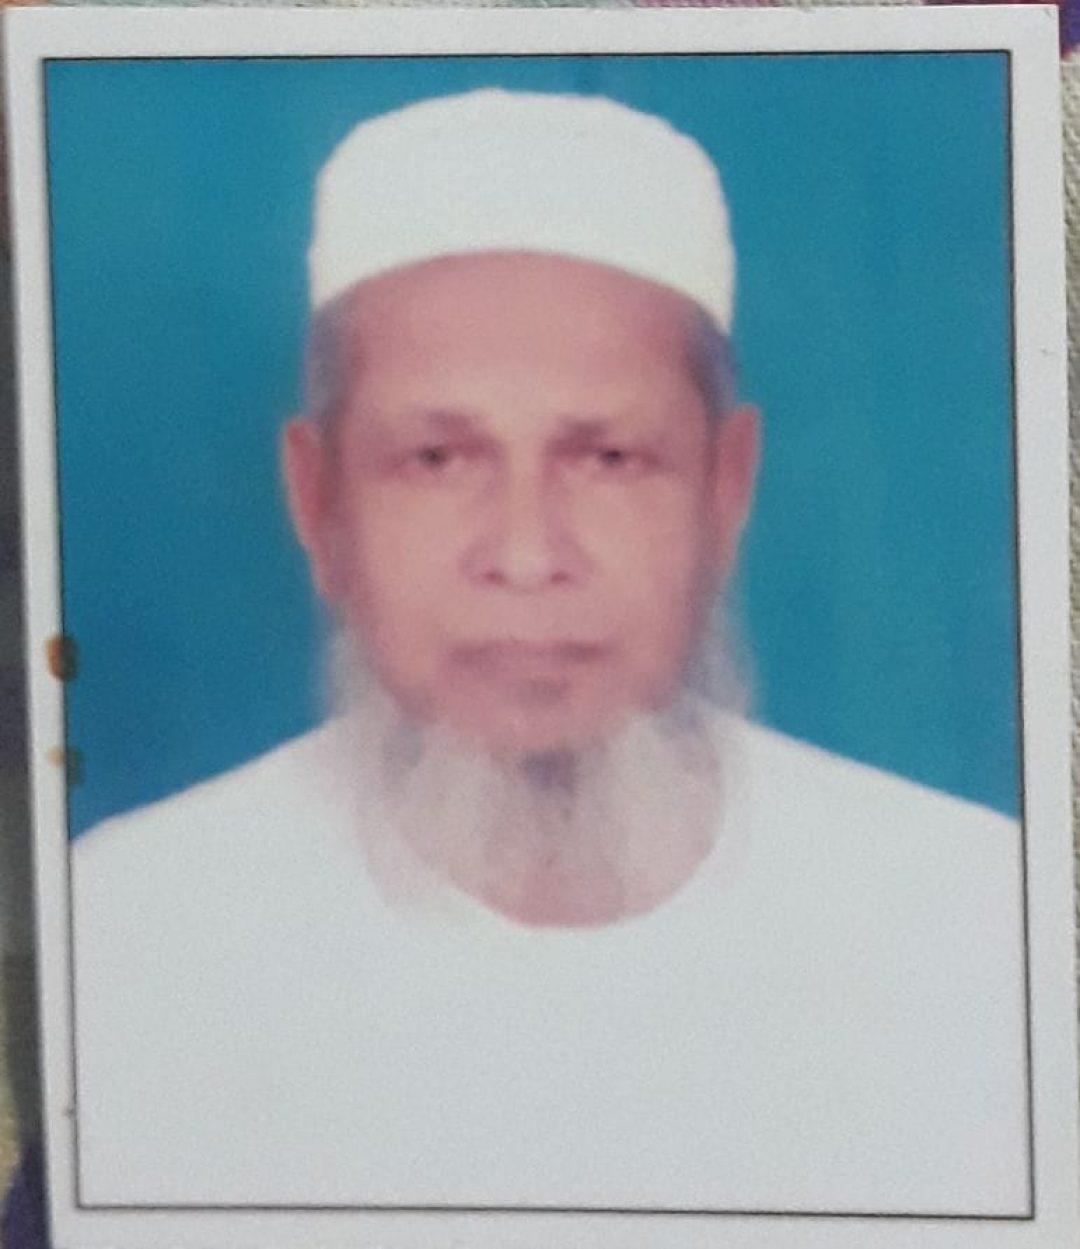 বজলুর রহমান বাচ্চু